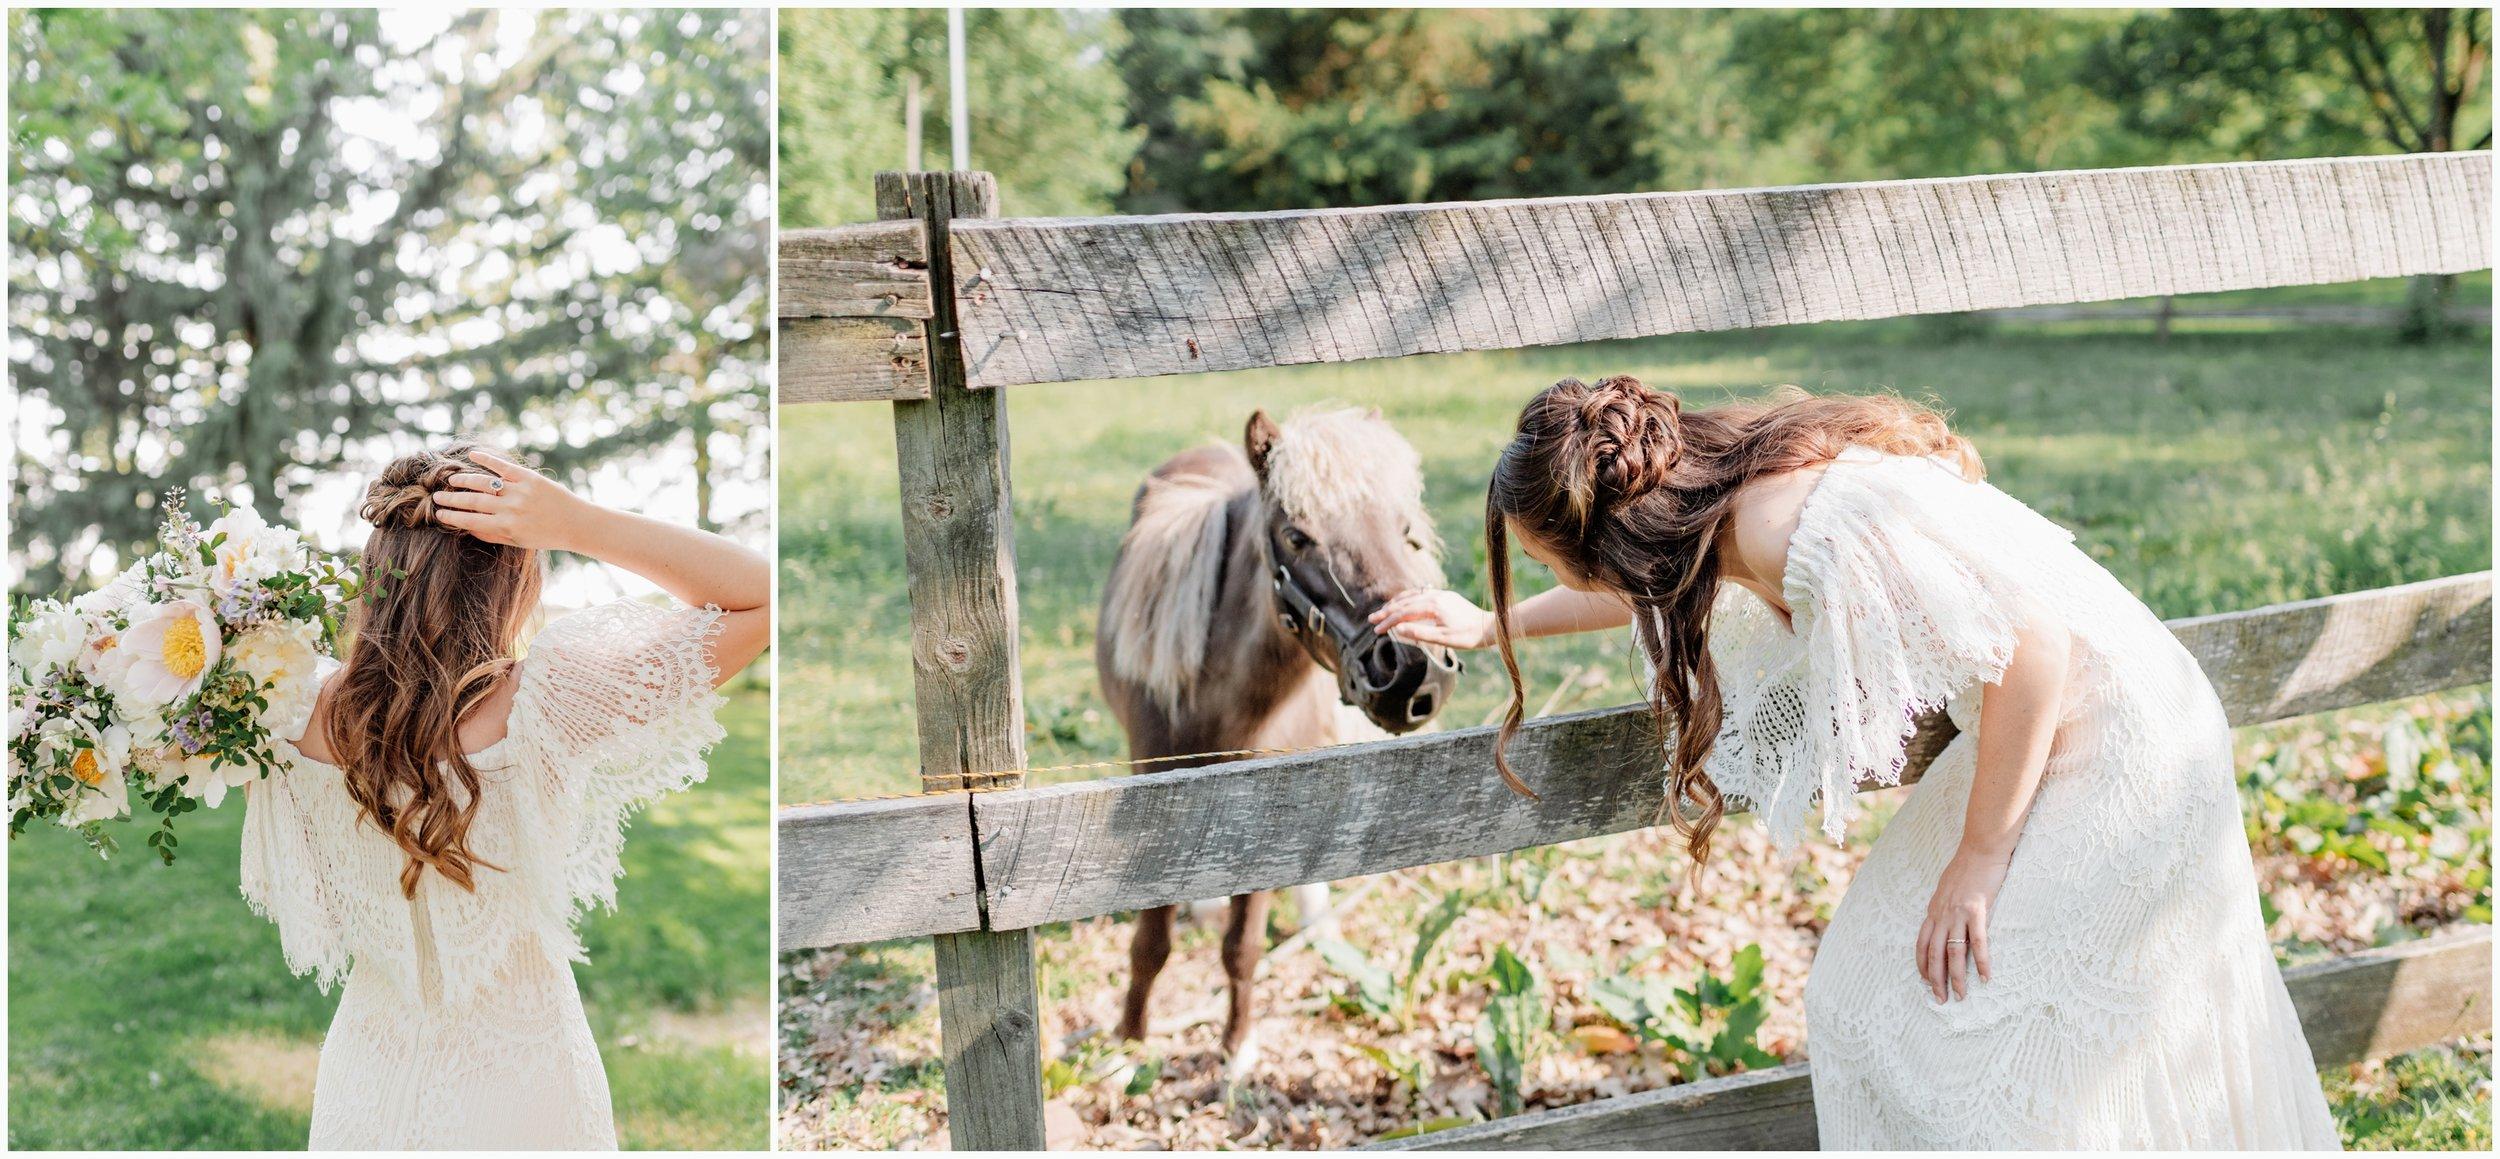 LaurenAndrewBarnAtForestvilleSharynFrenkelPhotography047.jpg